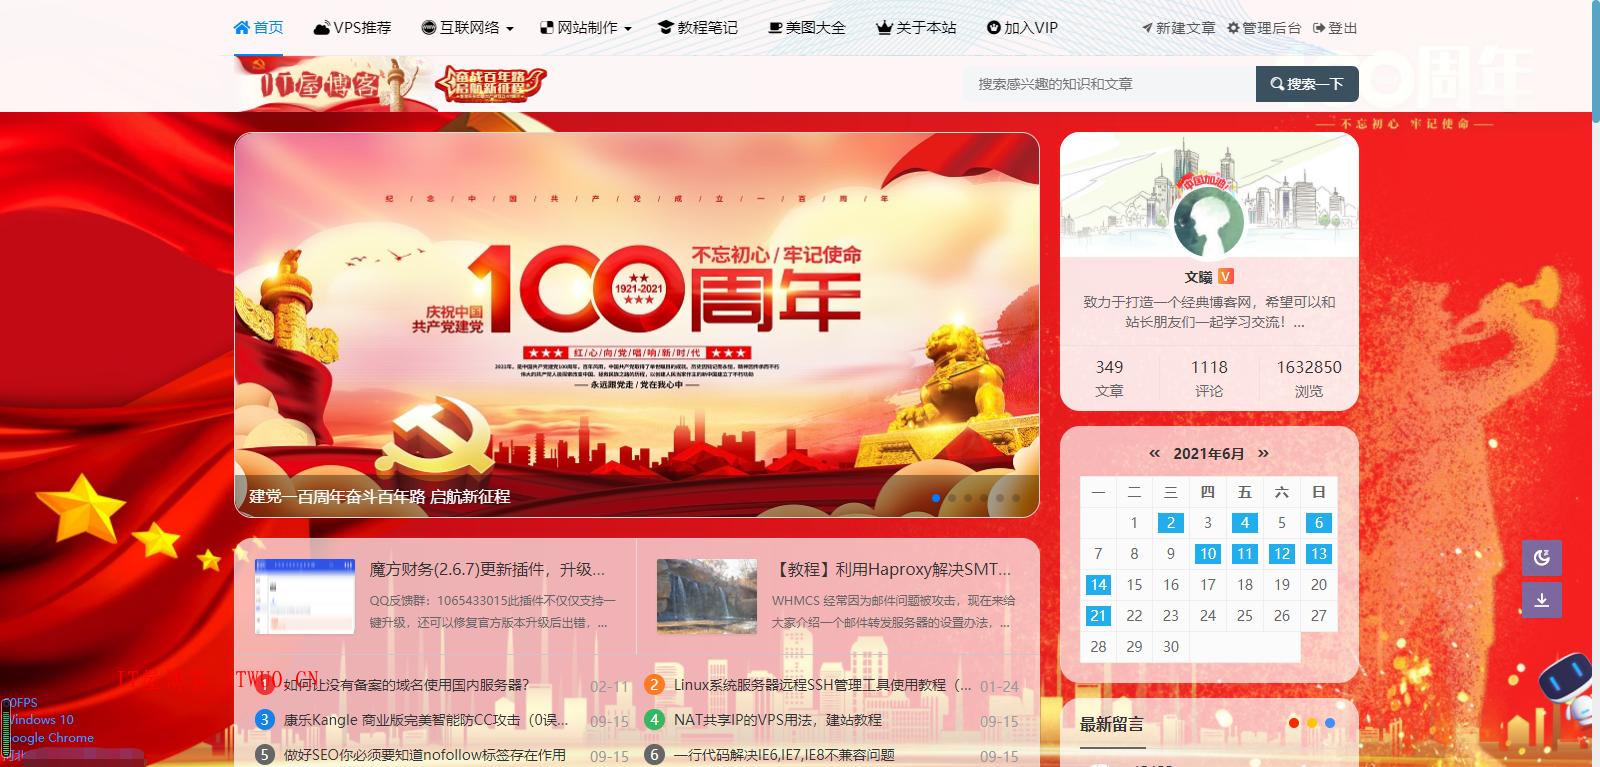 本站用的建党100周年 背景图 logo等素材免费分享